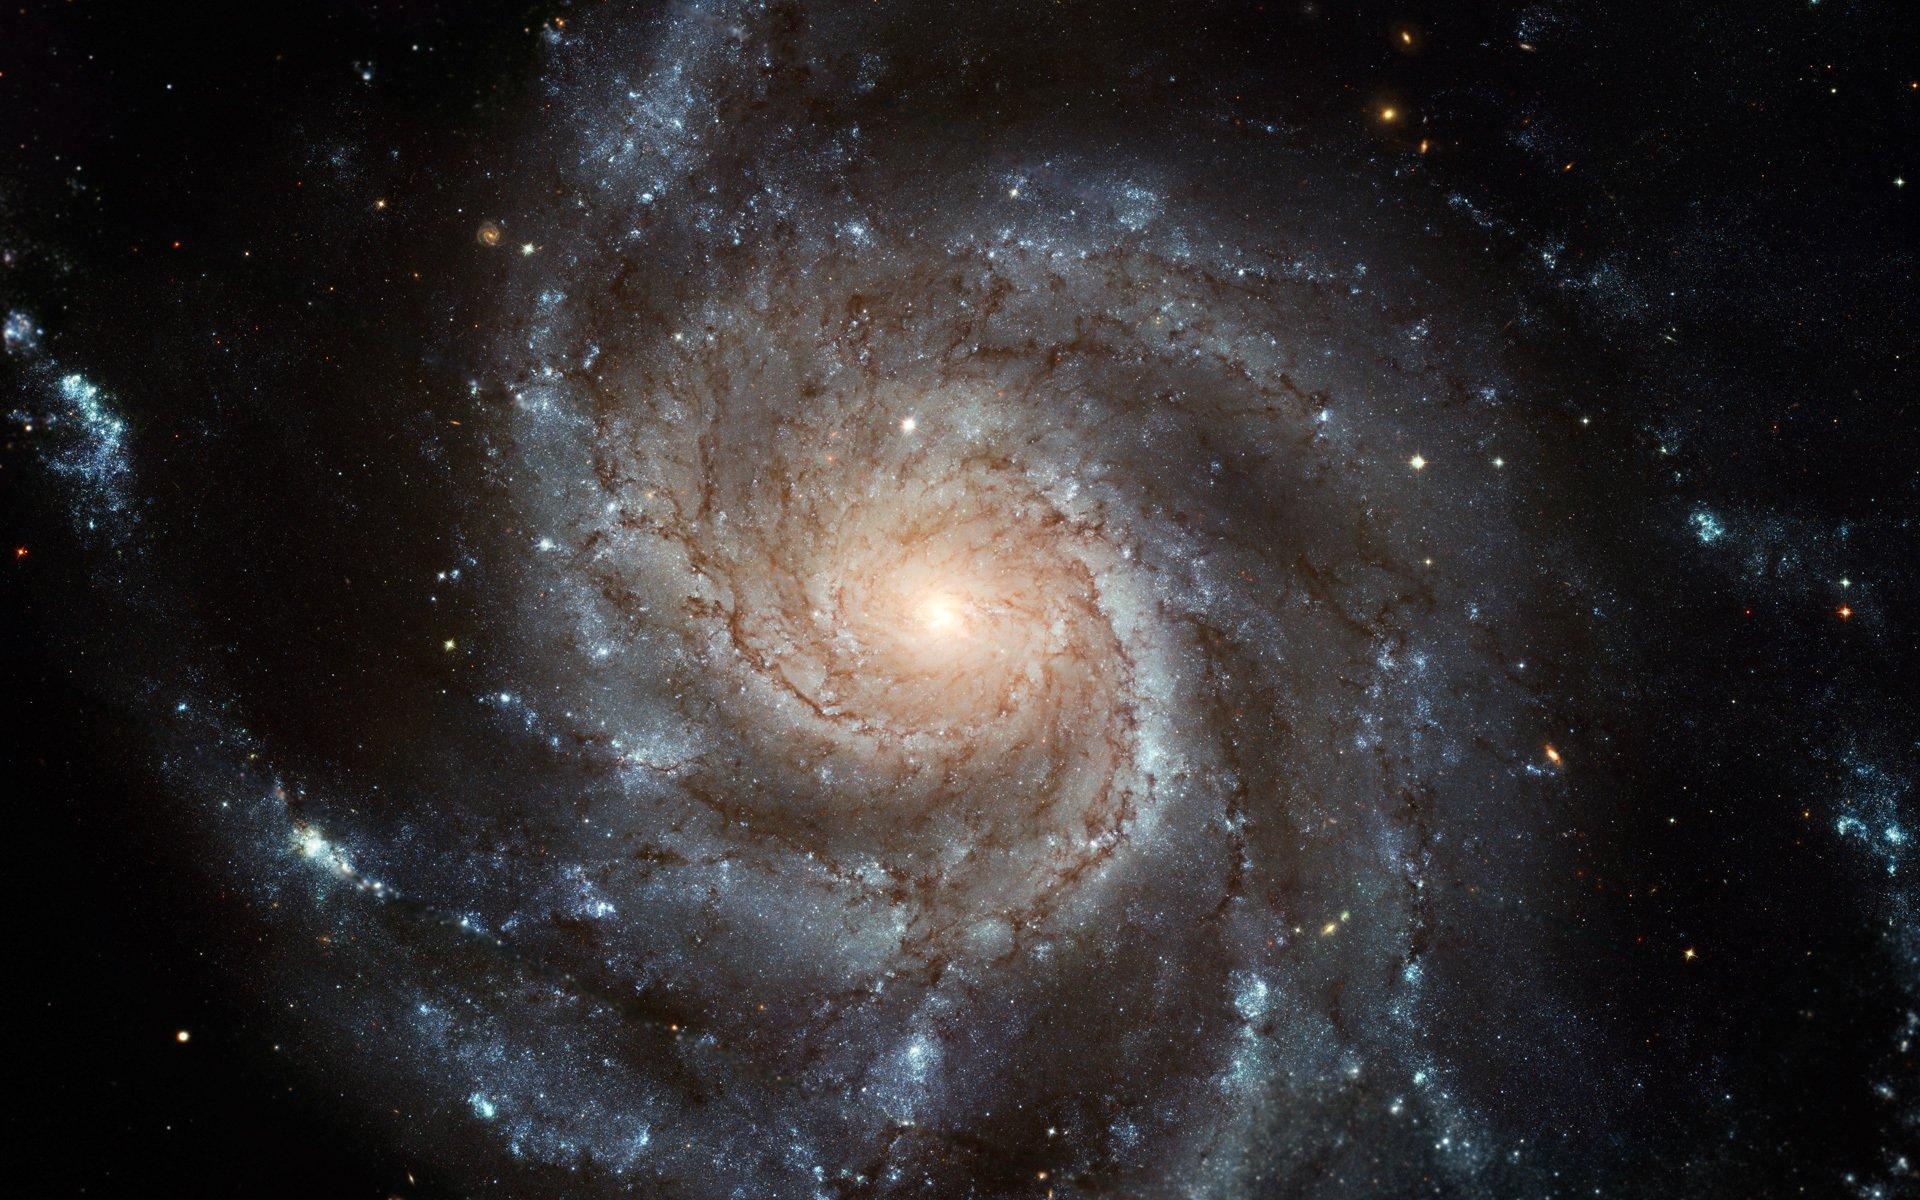 10 самых удивительных галактик во вселенной | new-science.ru